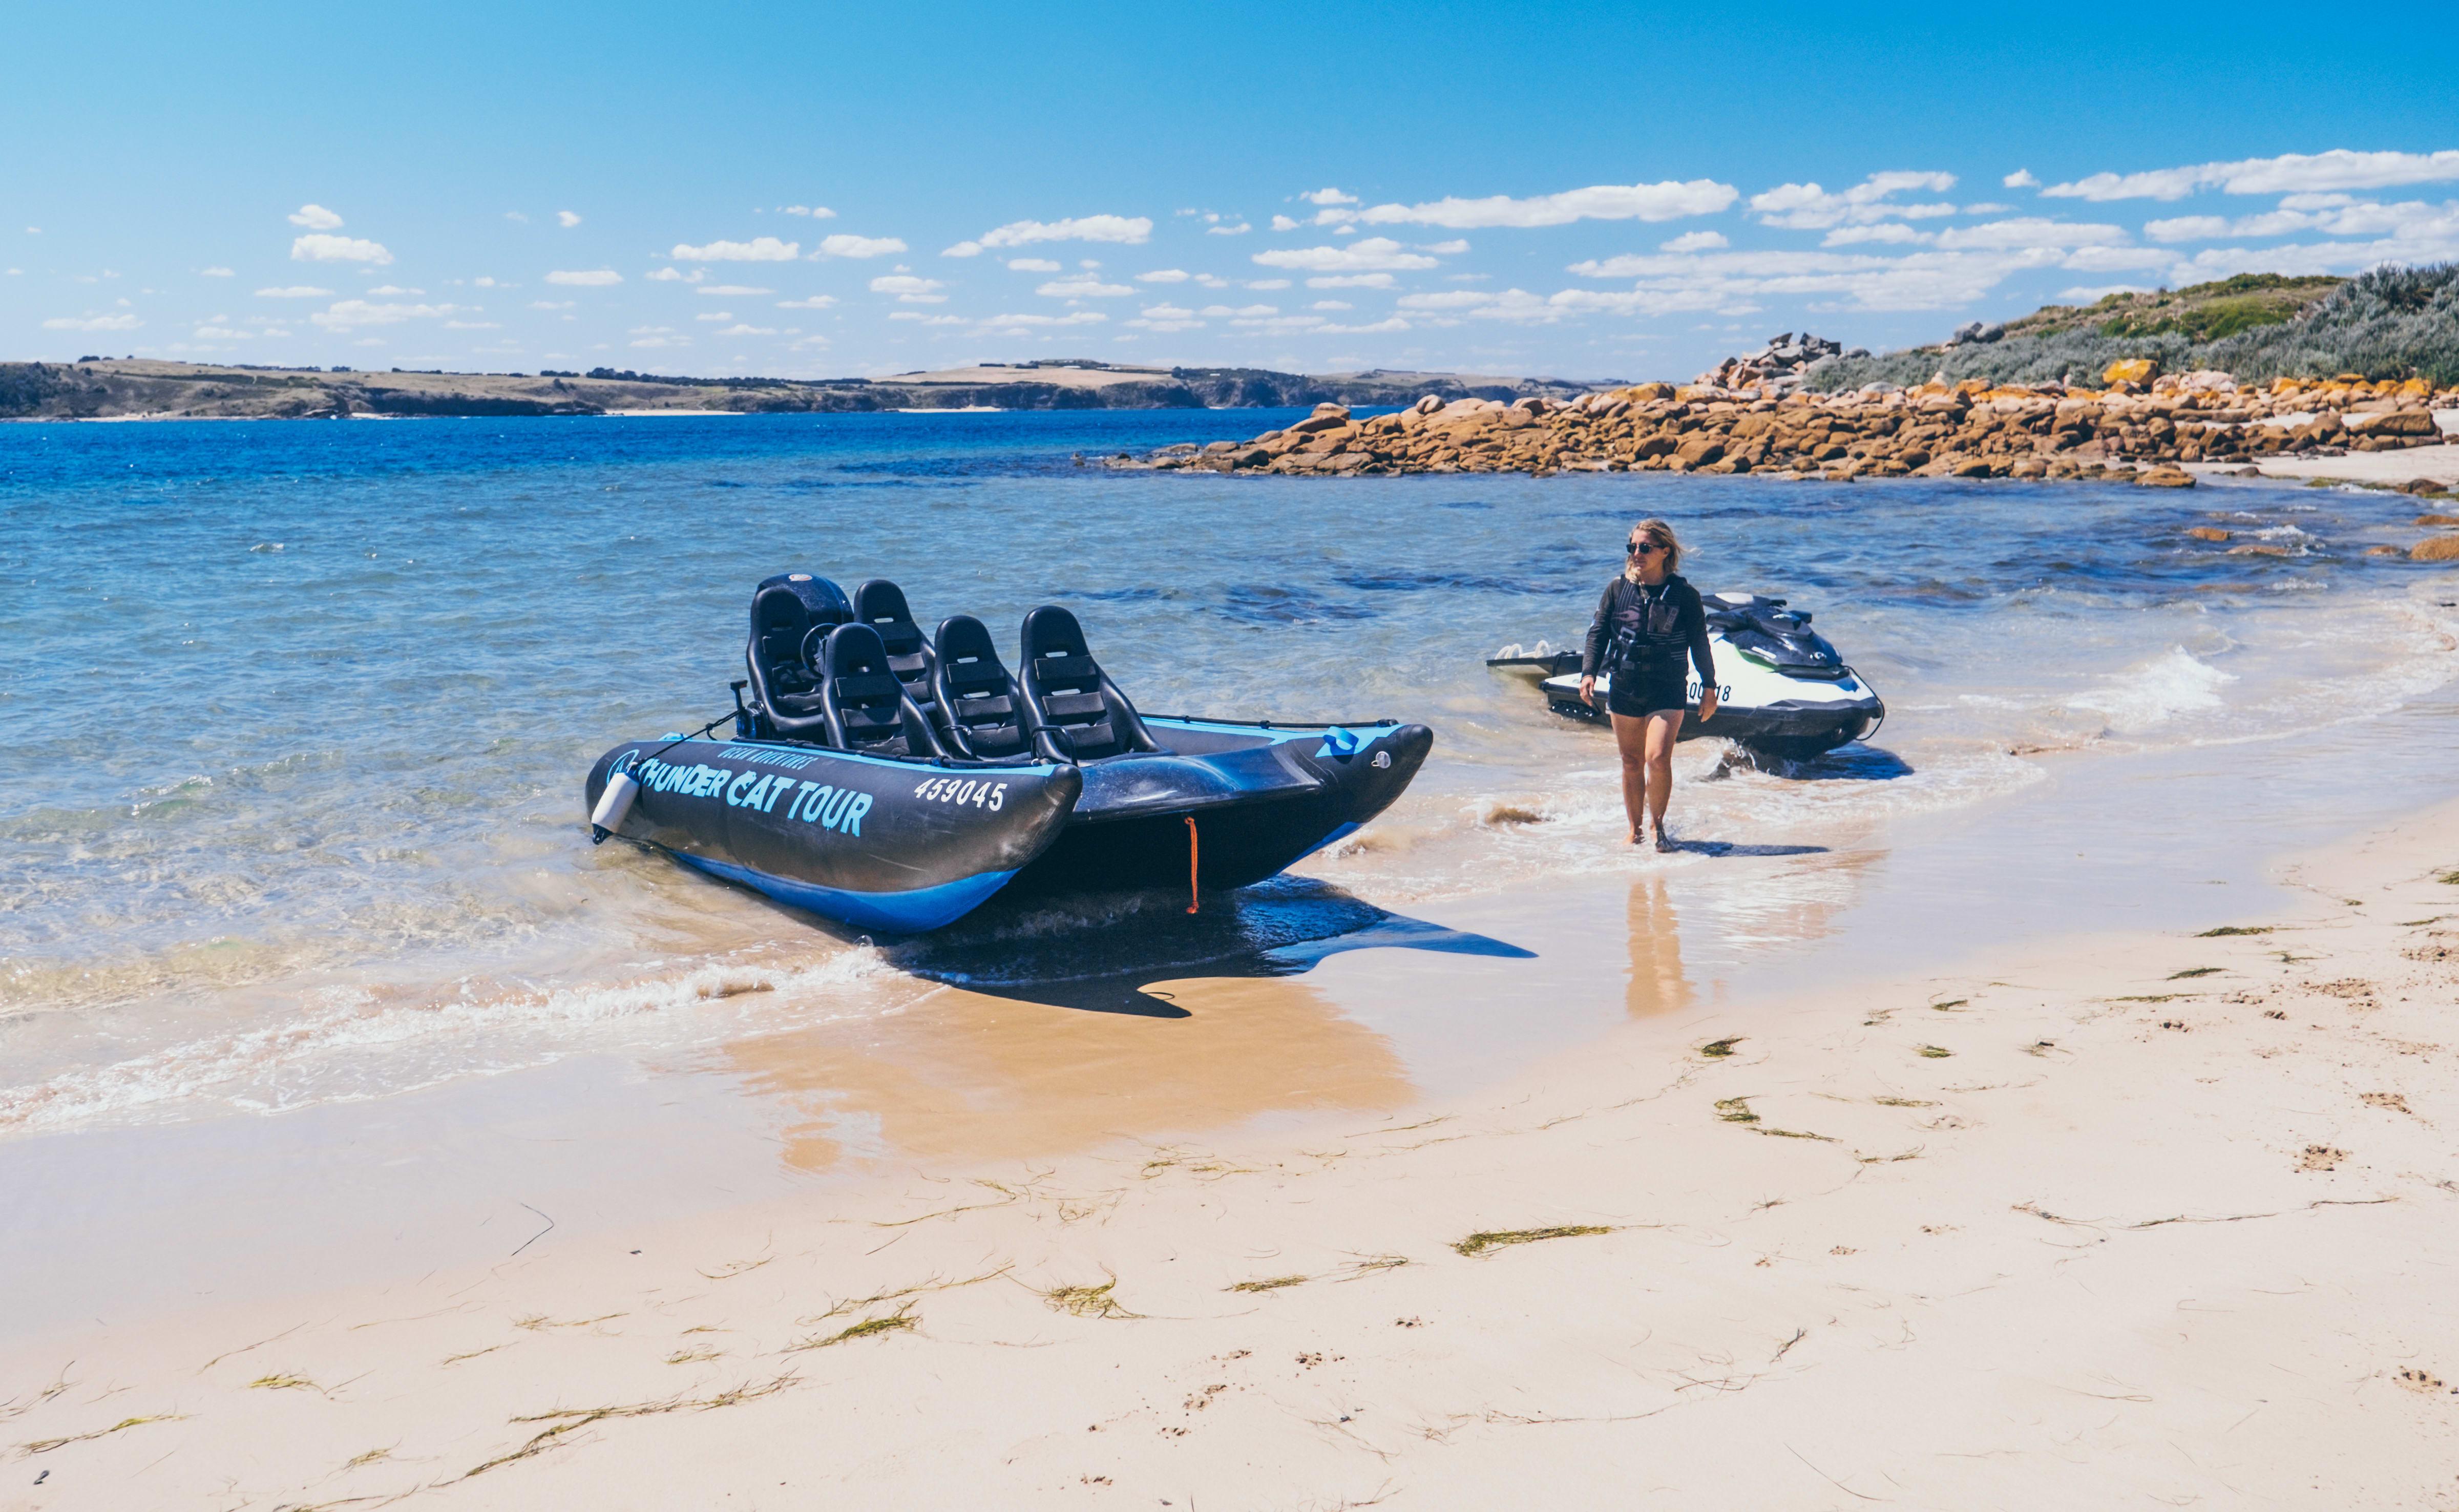 Thundercat Jet Boat Tour - Phillip Island - For 2